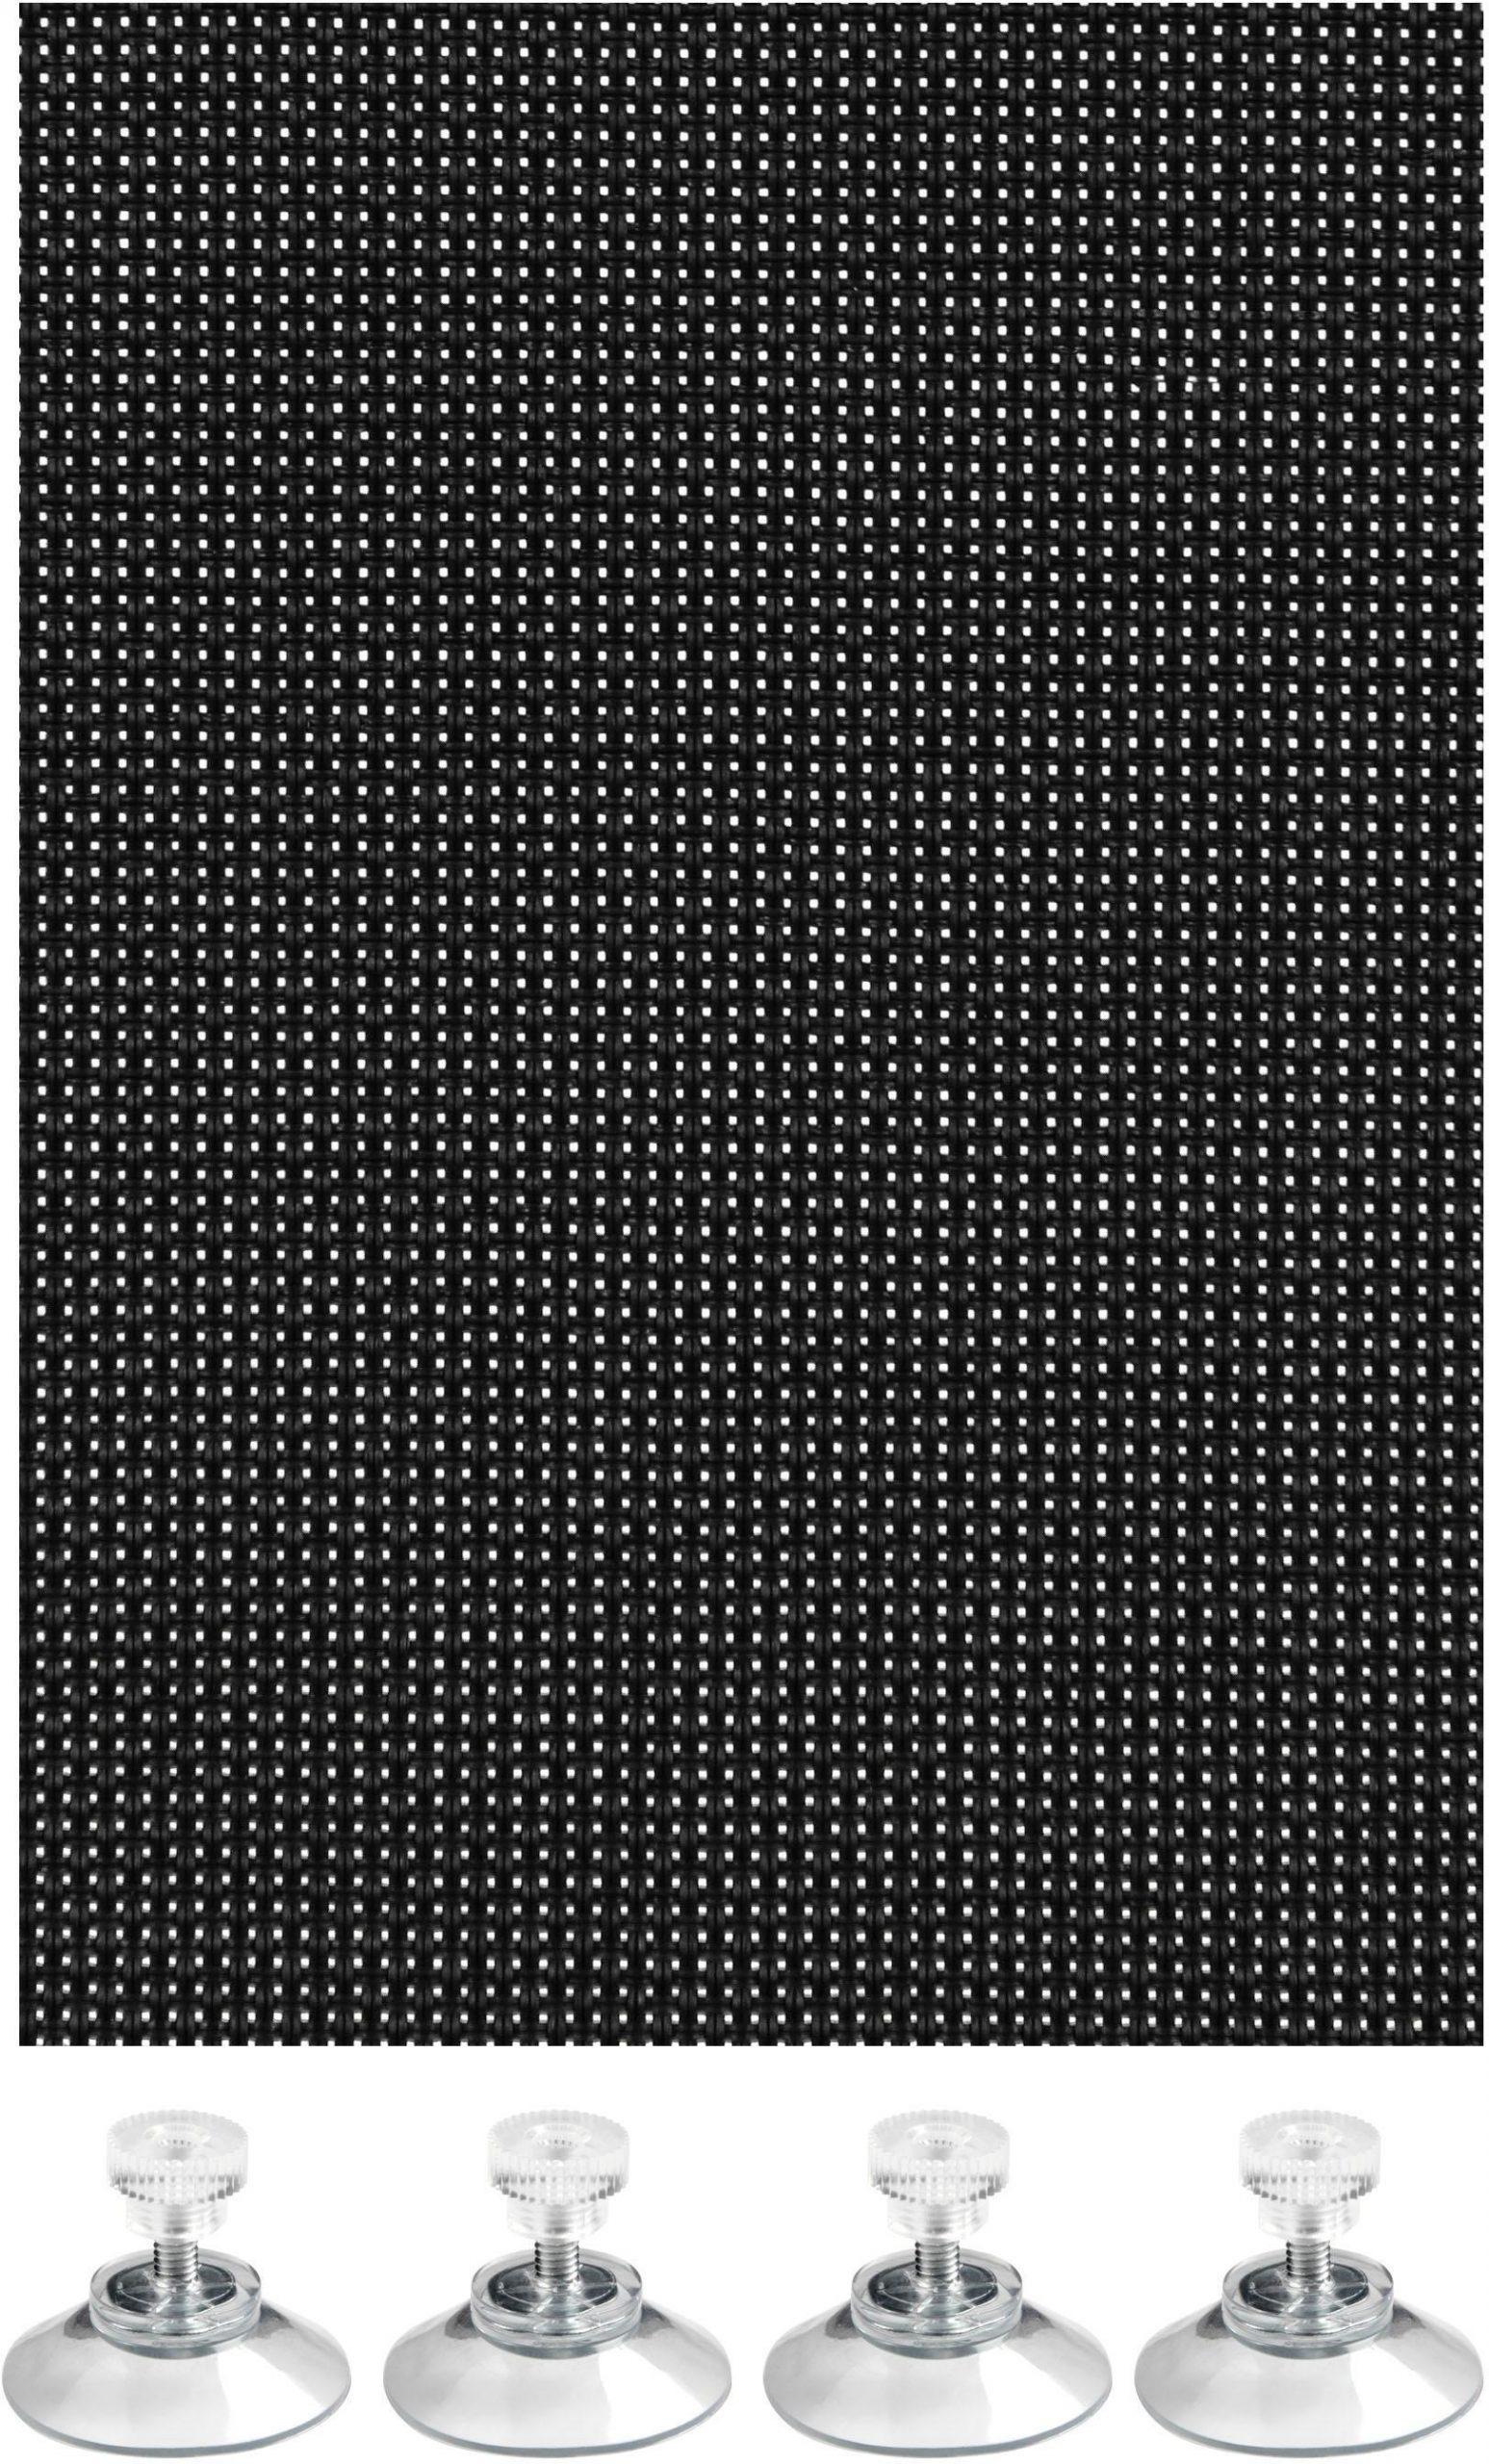 Full Size of Sonnenschutz Fenster Mit Rolladen Abus Austauschen Kosten Sichtschutzfolie Sonnenschutzfolie Fliegennetz Polen Weru Preise Konfigurieren Sicherheitsbeschläge Fenster Sonnenschutz Fenster